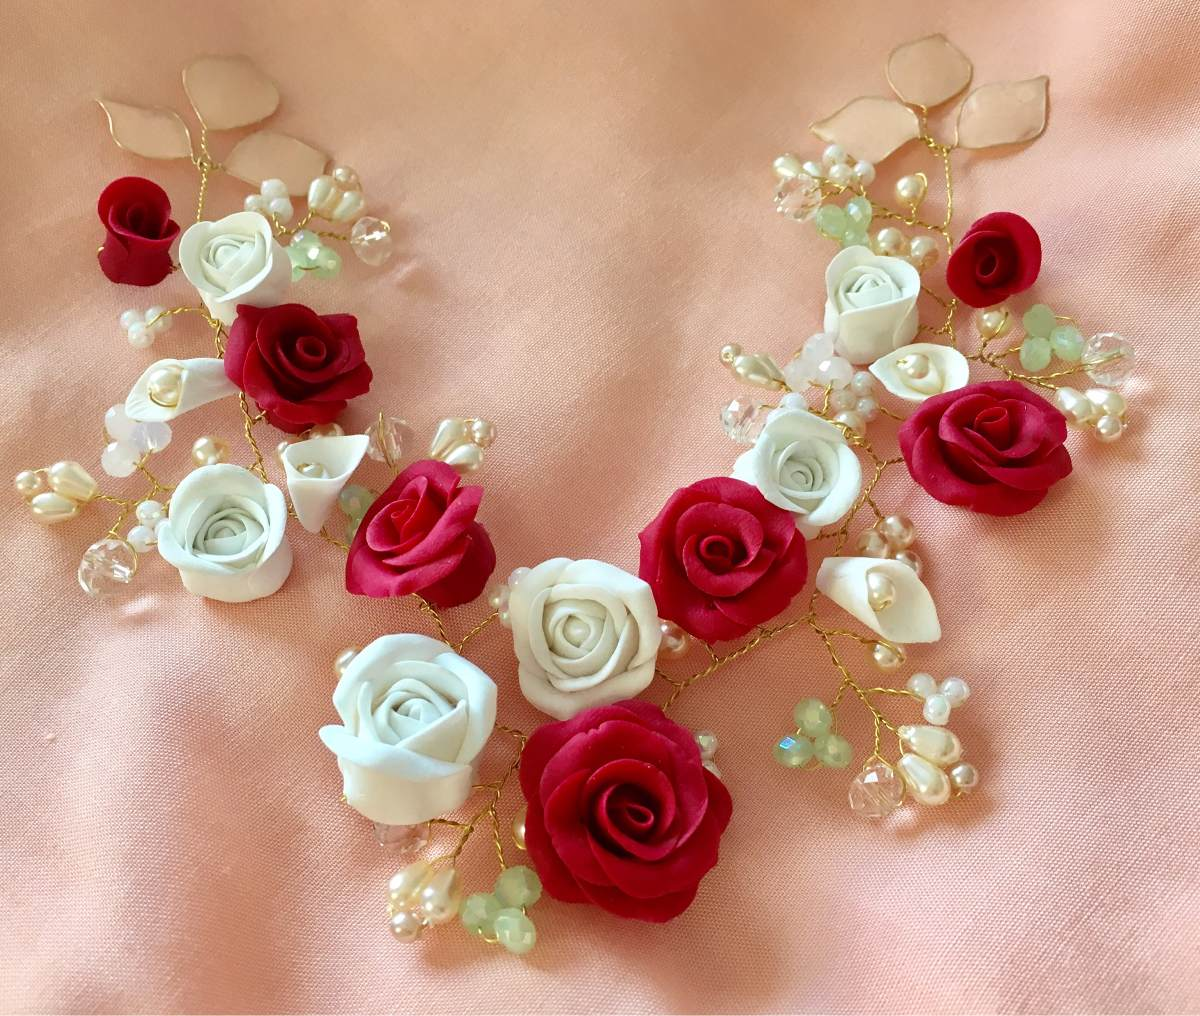 Tocado 12 Flores Rojas Y Blancas De 18cm 1 380 00 En Mercado Libre